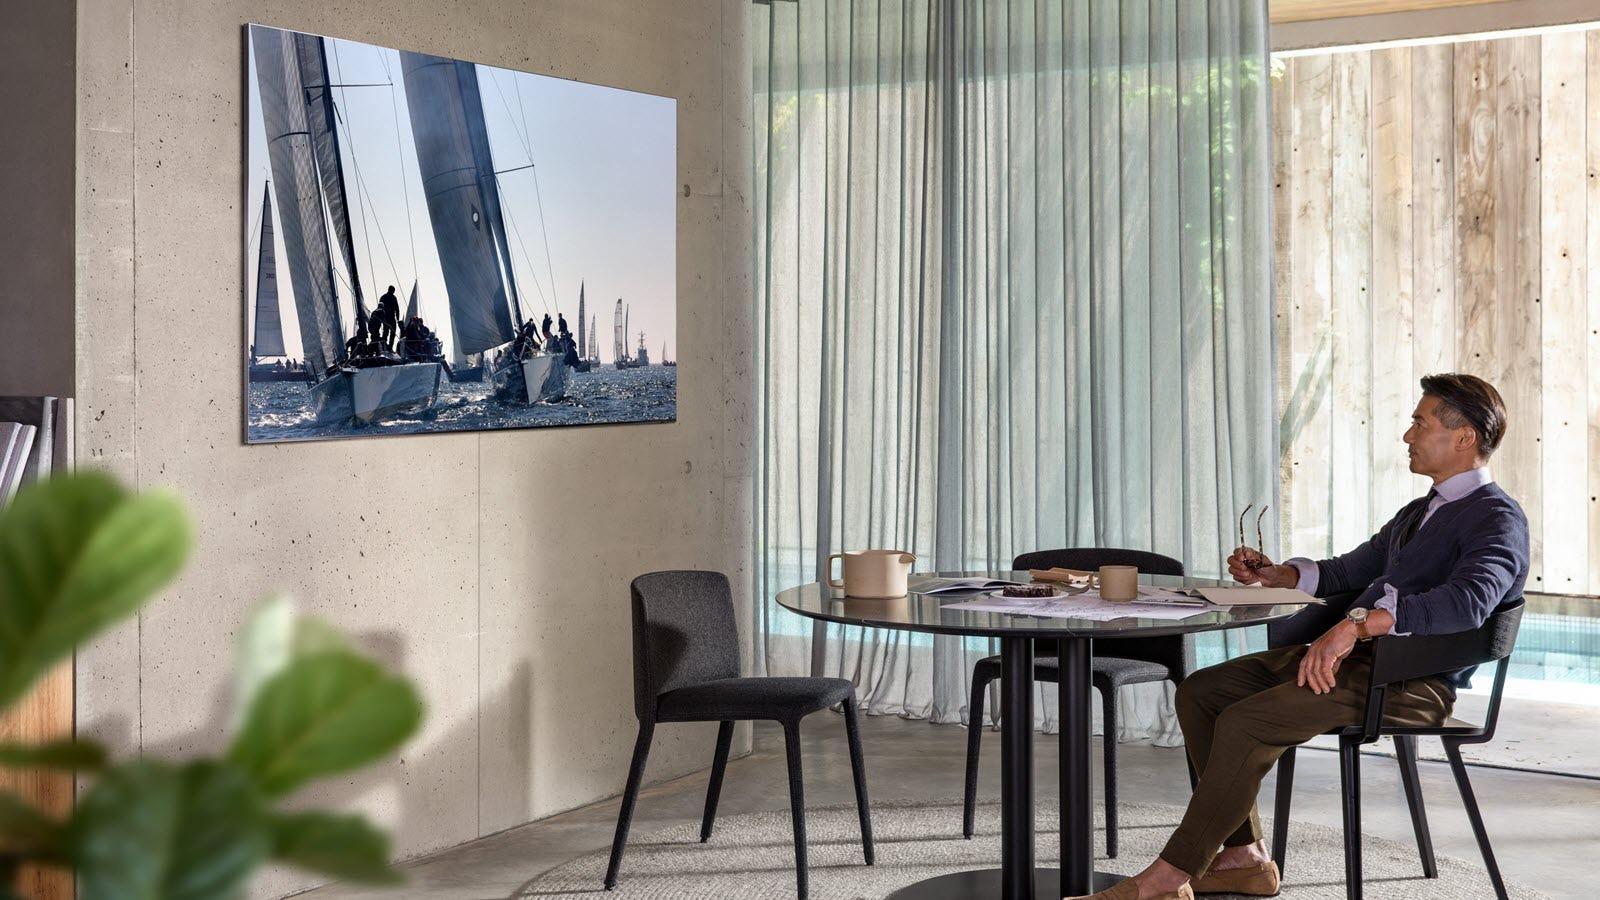 A man watching a bezelless TV mounted on a wall.